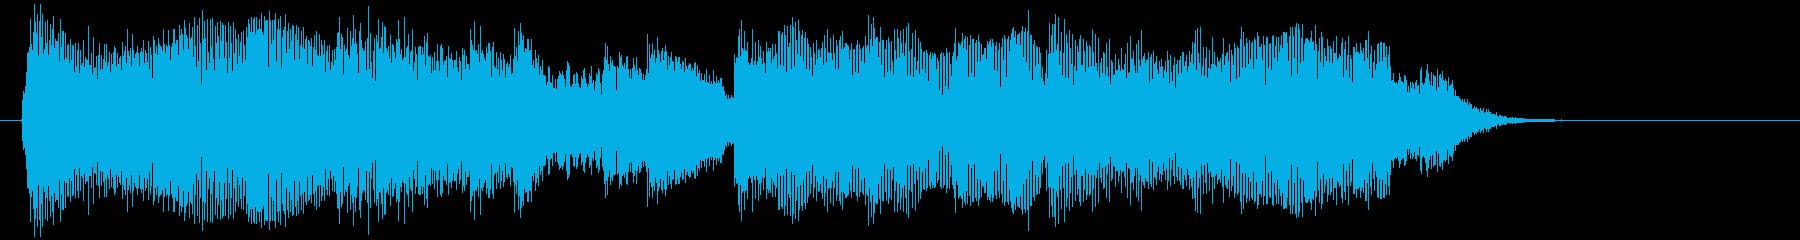 ギターとシンセによる爽やか10秒ジングルの再生済みの波形